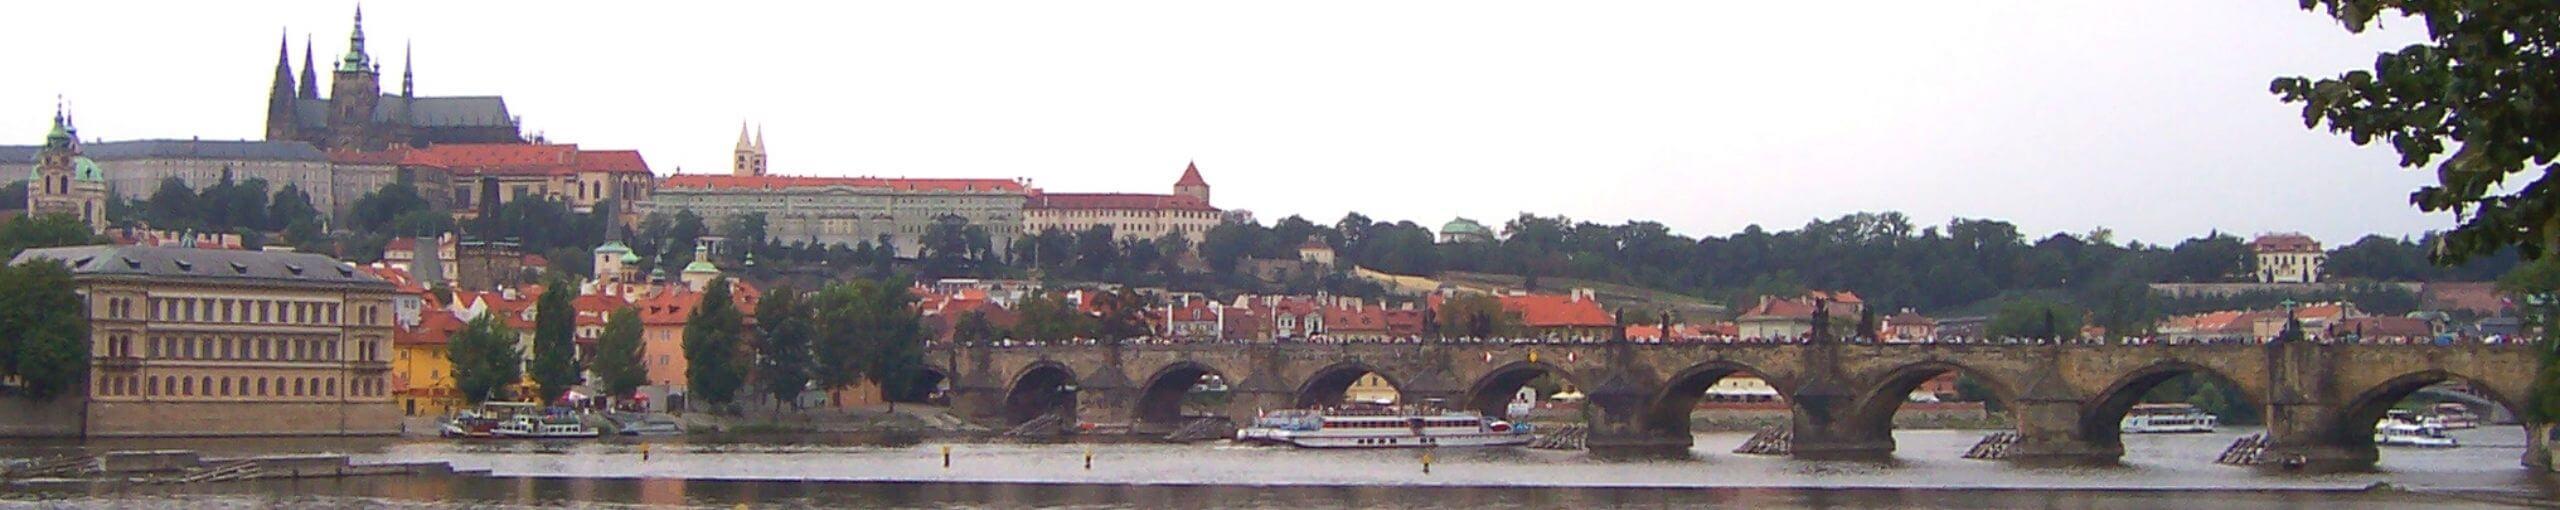 Praga Capital de Bohemia. República Checa.